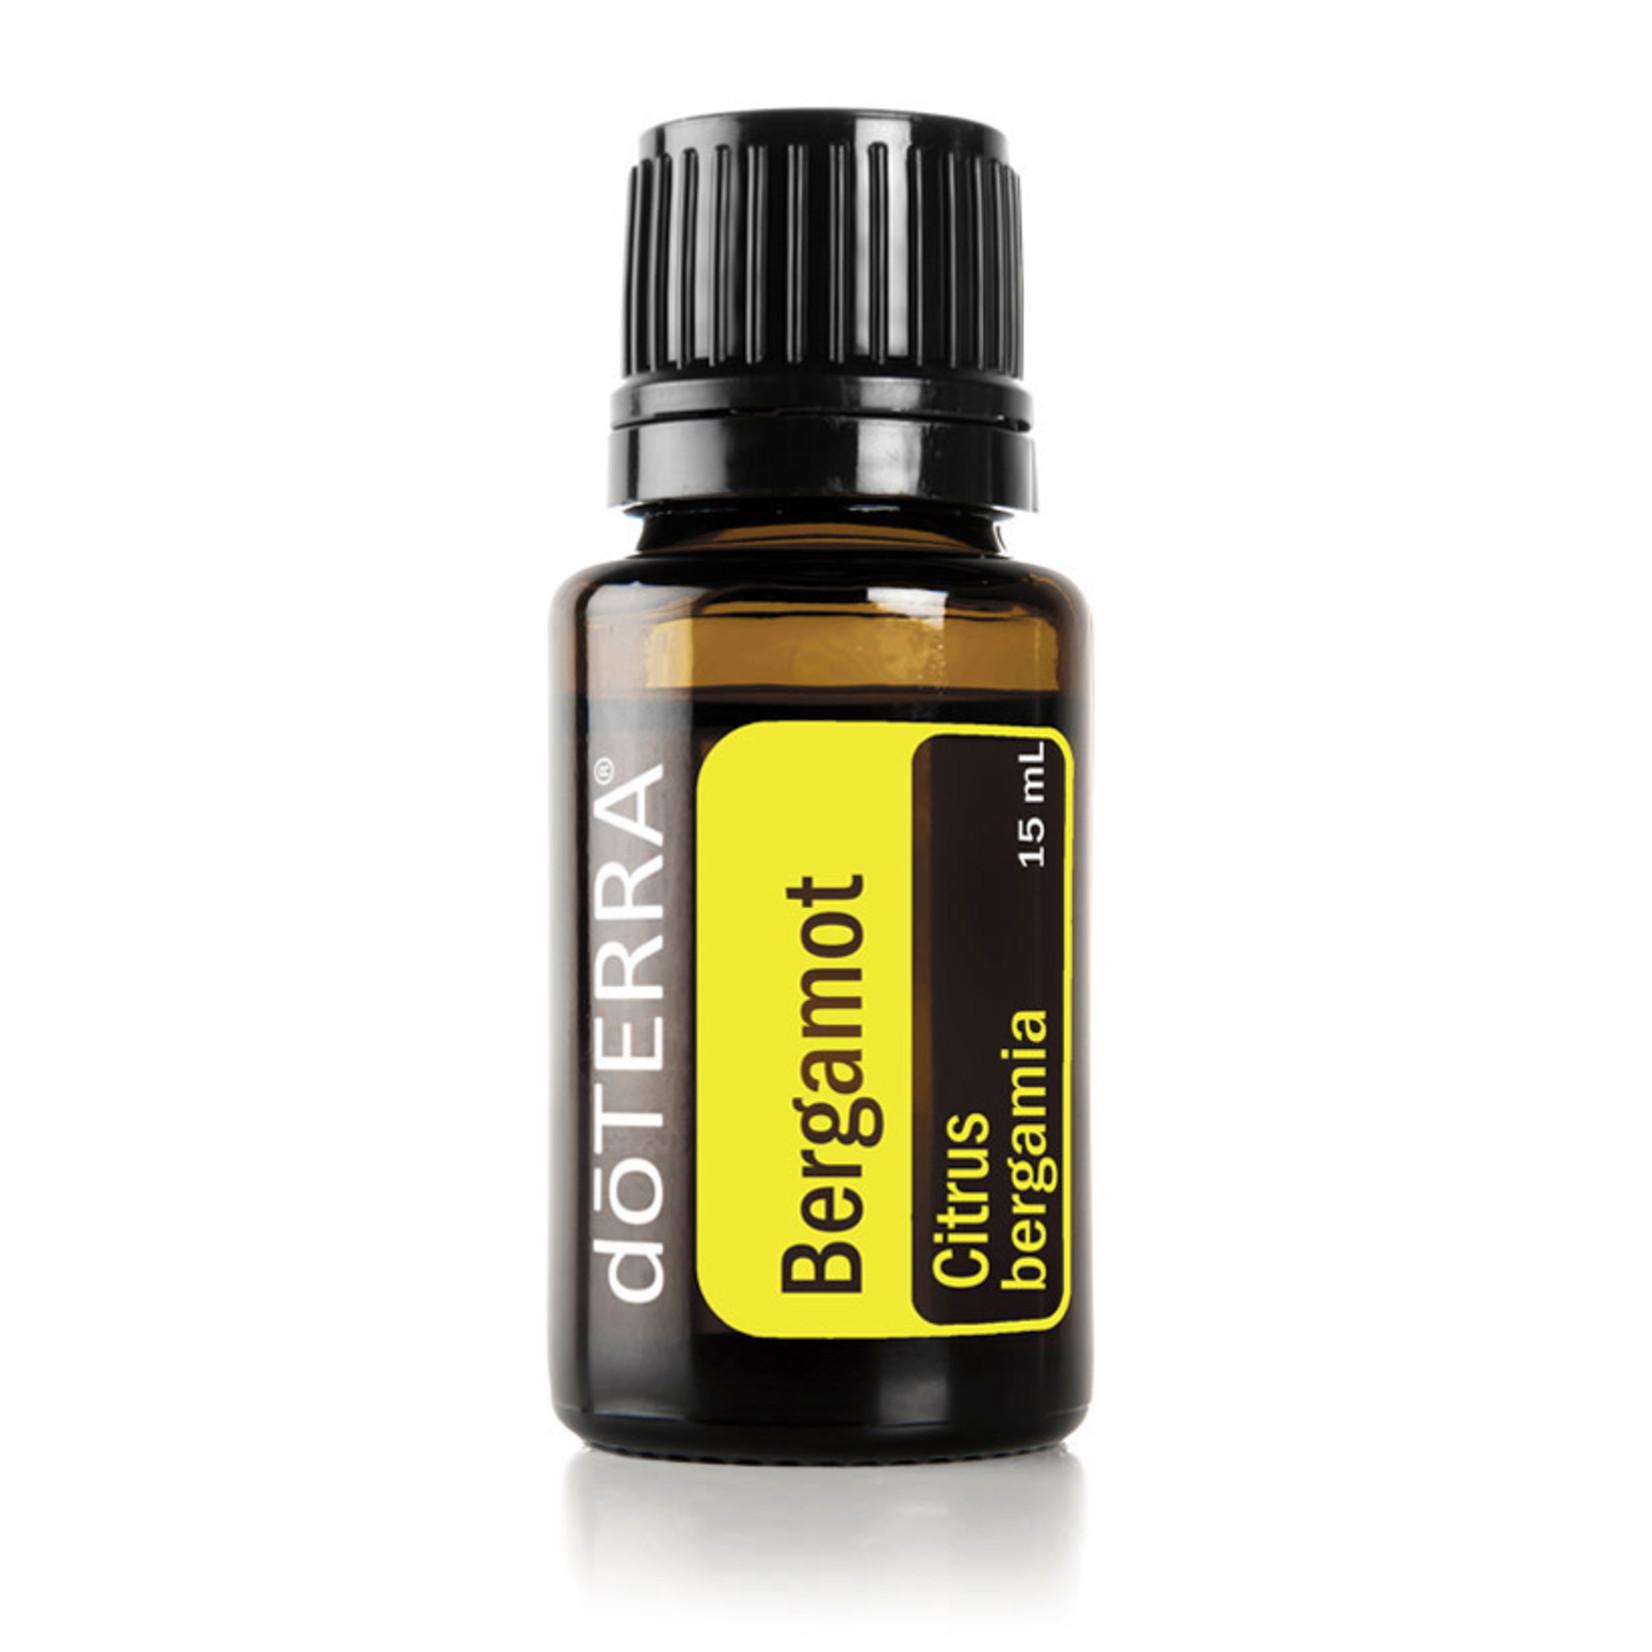 doTERRA doTERRA Essential Oil Bergamot 15ml